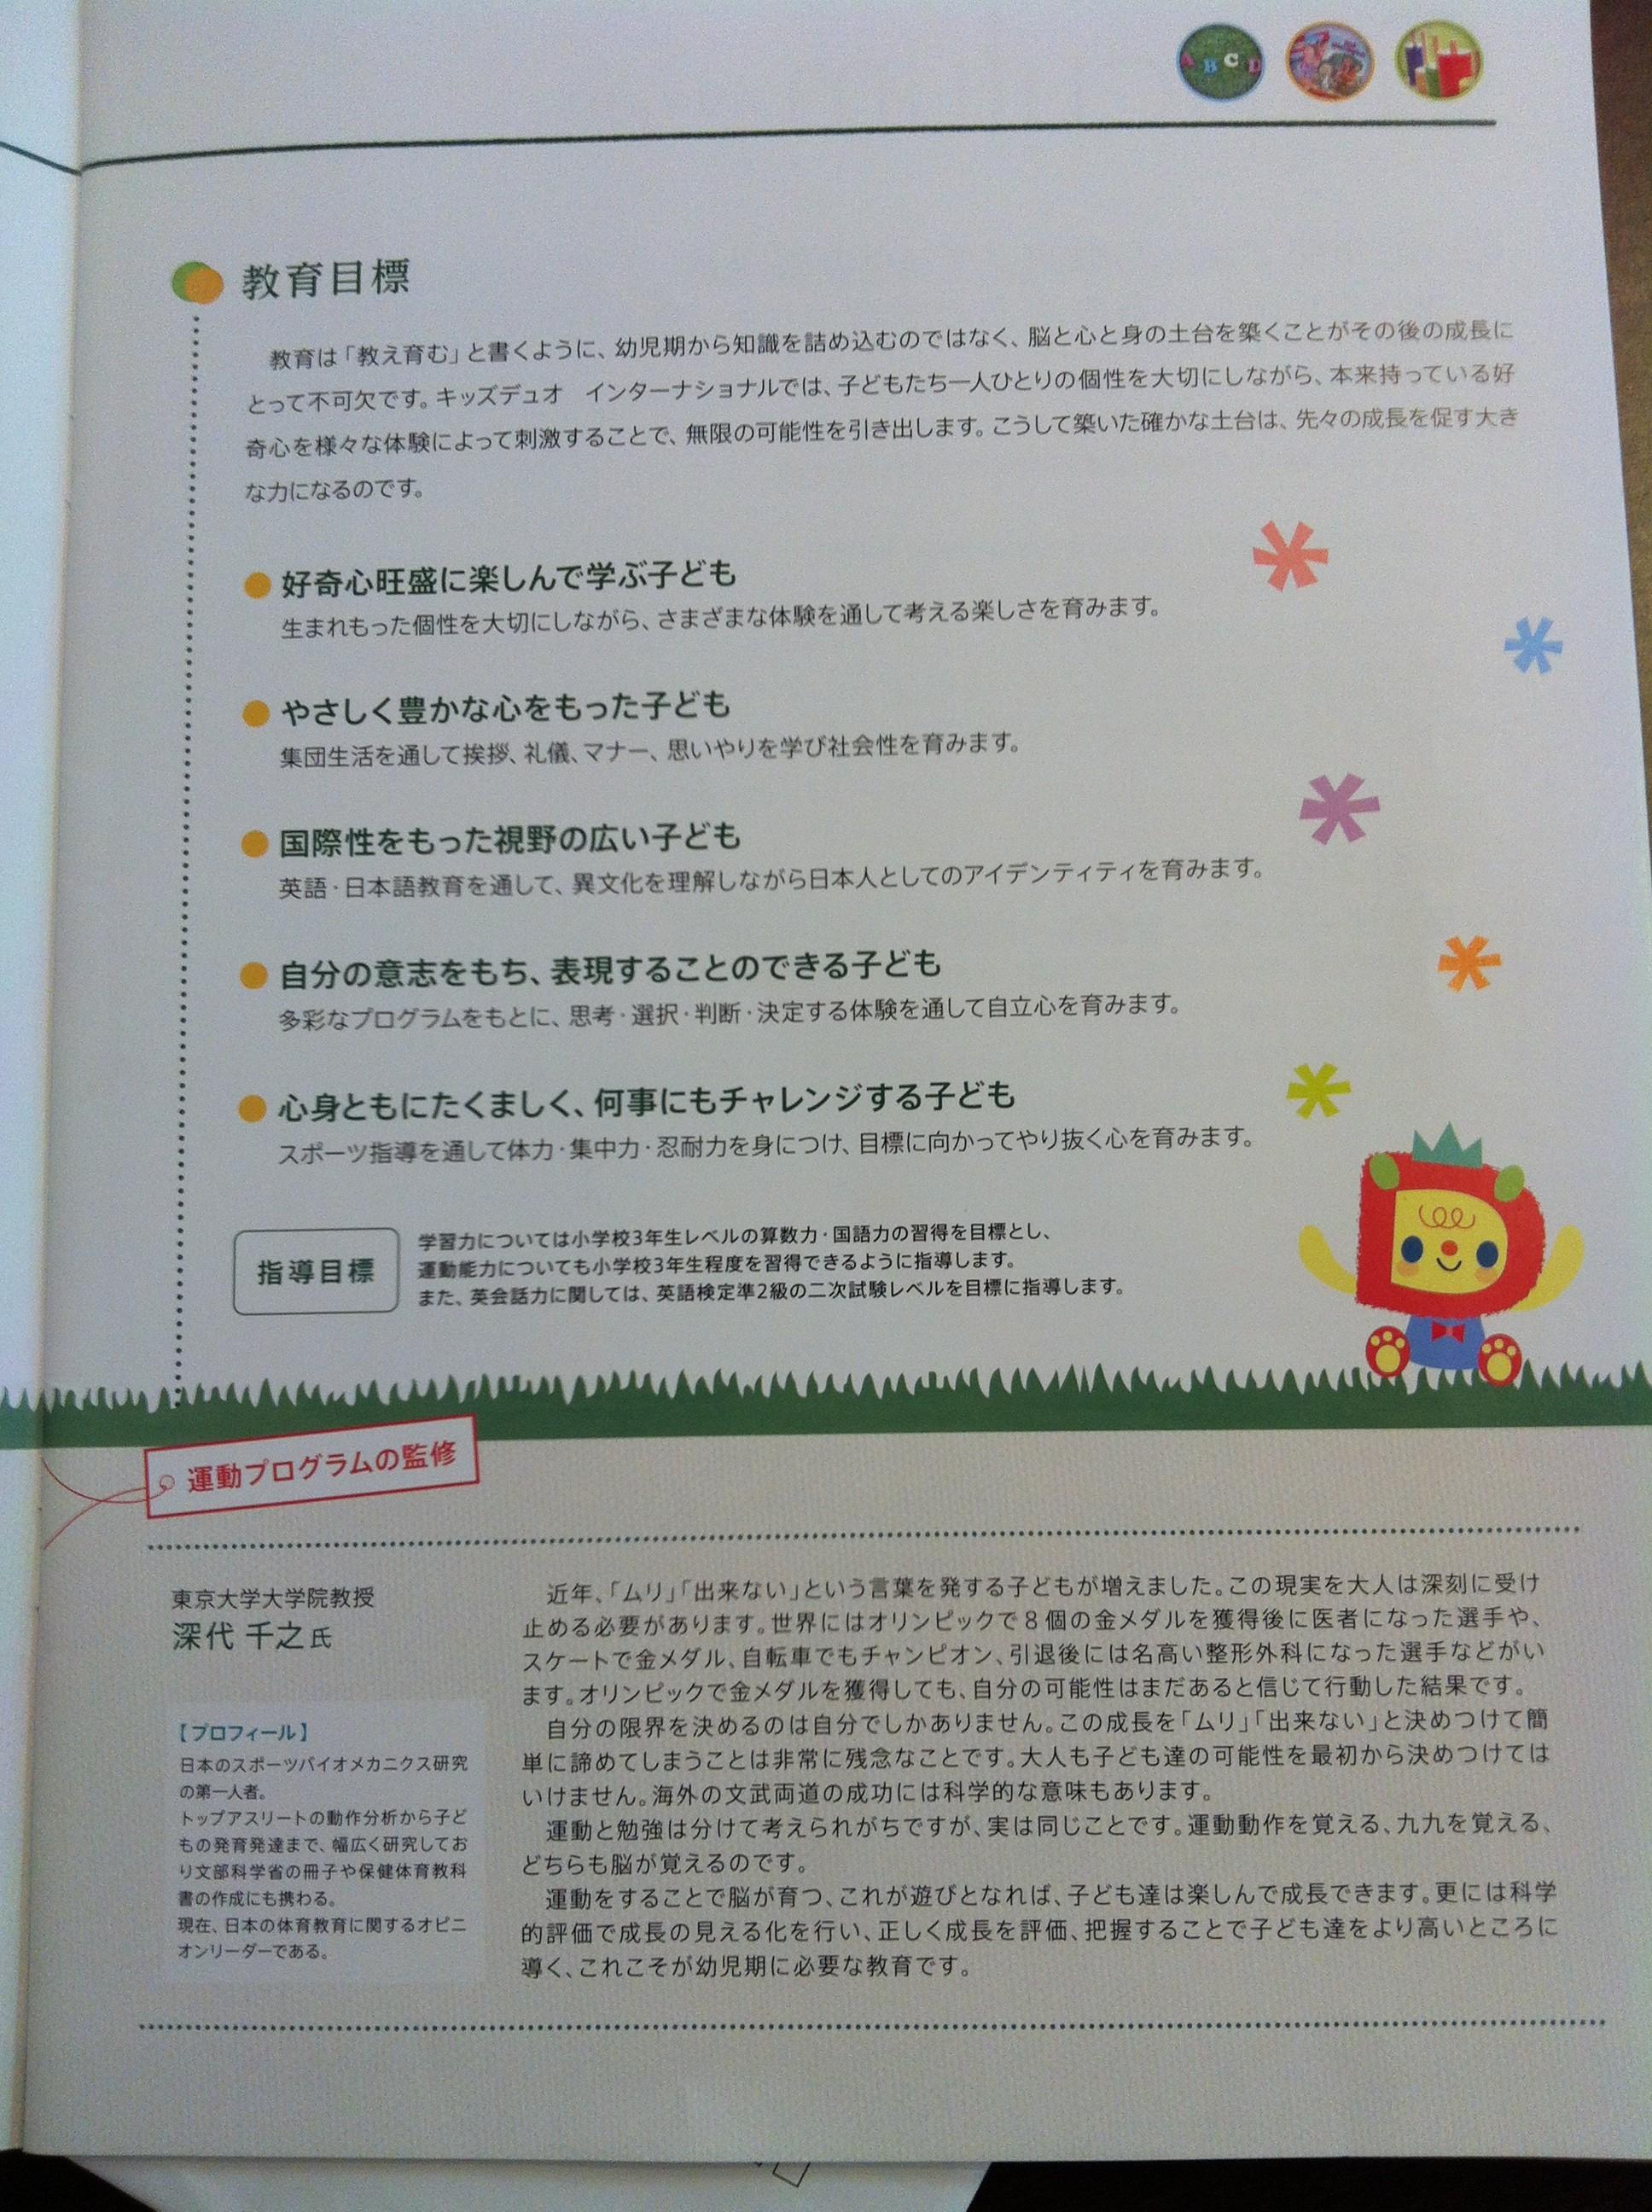 キッズデュオ(kids duo)の説明会で配られたパンフレット4ページ目の画像キャプチャ